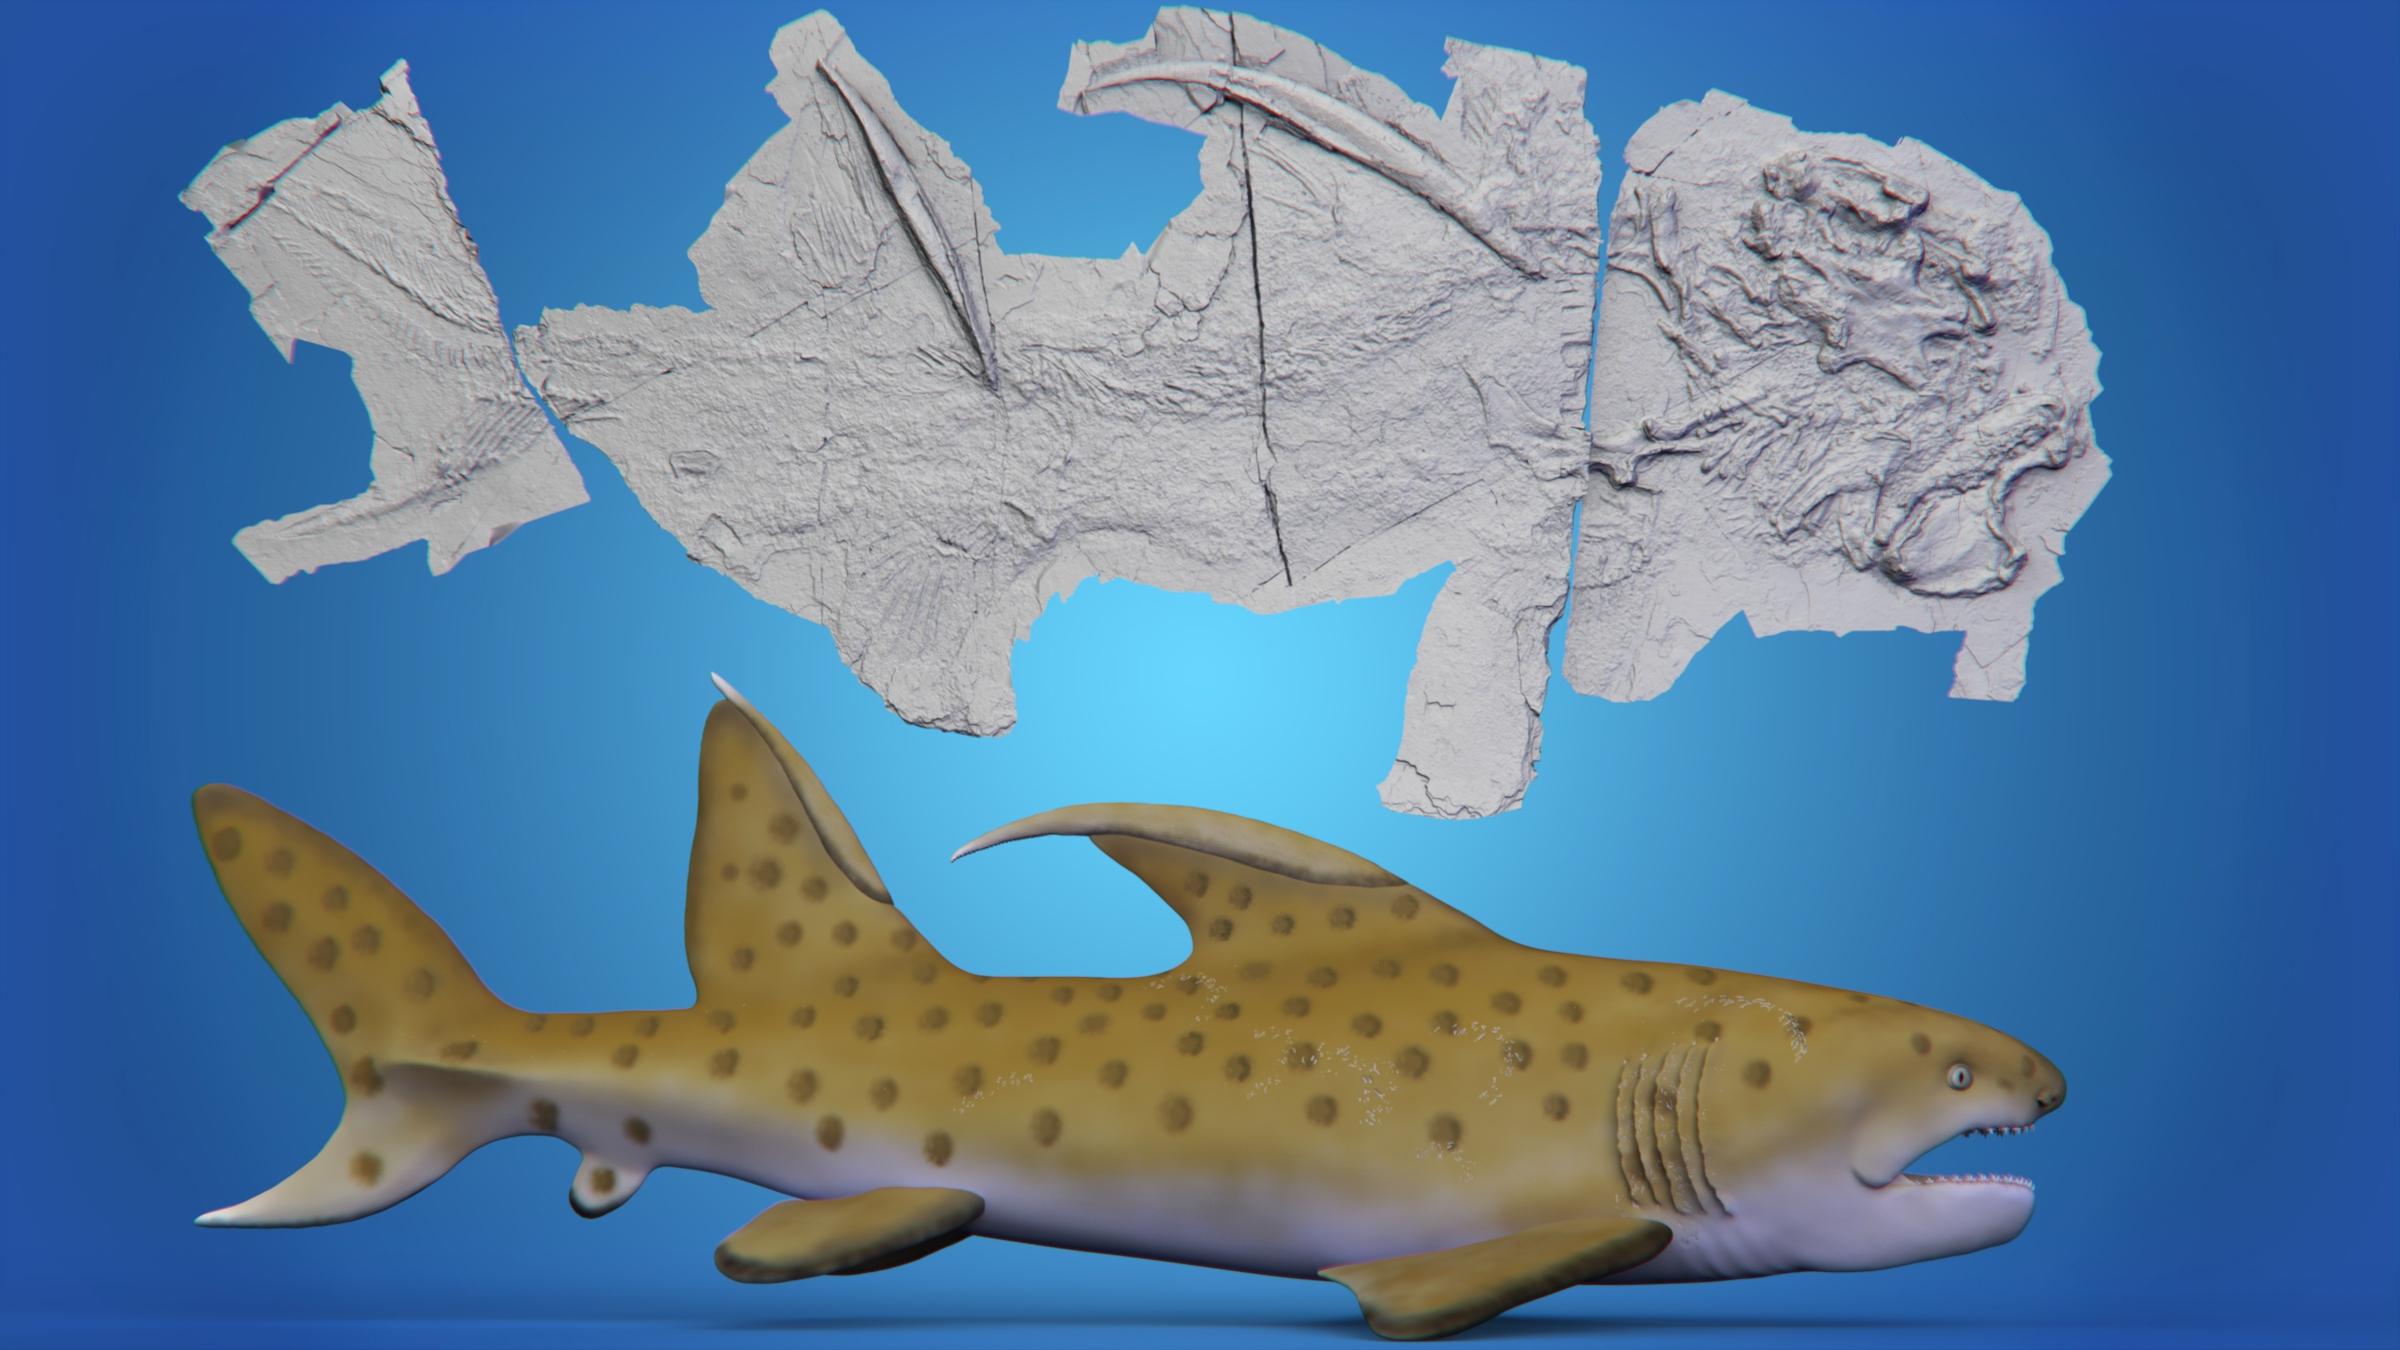 Le squelette fossilisé du `` requin Godzilla '' à côté du rendu d'un artiste de ce à quoi il aurait pu ressembler.